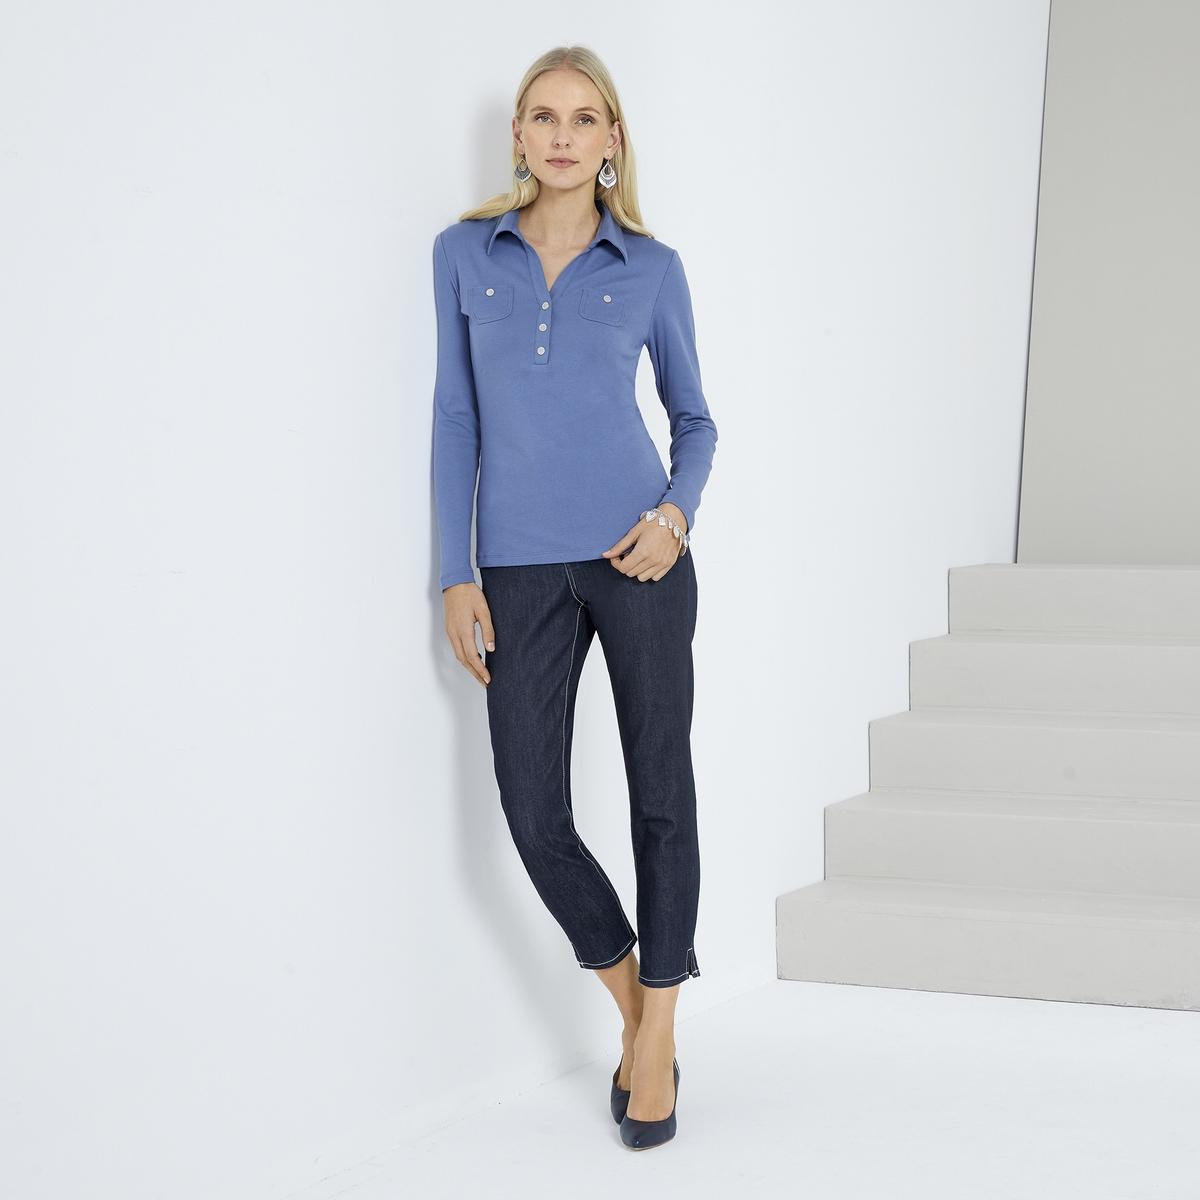 Imagen secundaria de producto de Camiseta con cuello polo, 100% algodón peinado - Anne weyburn